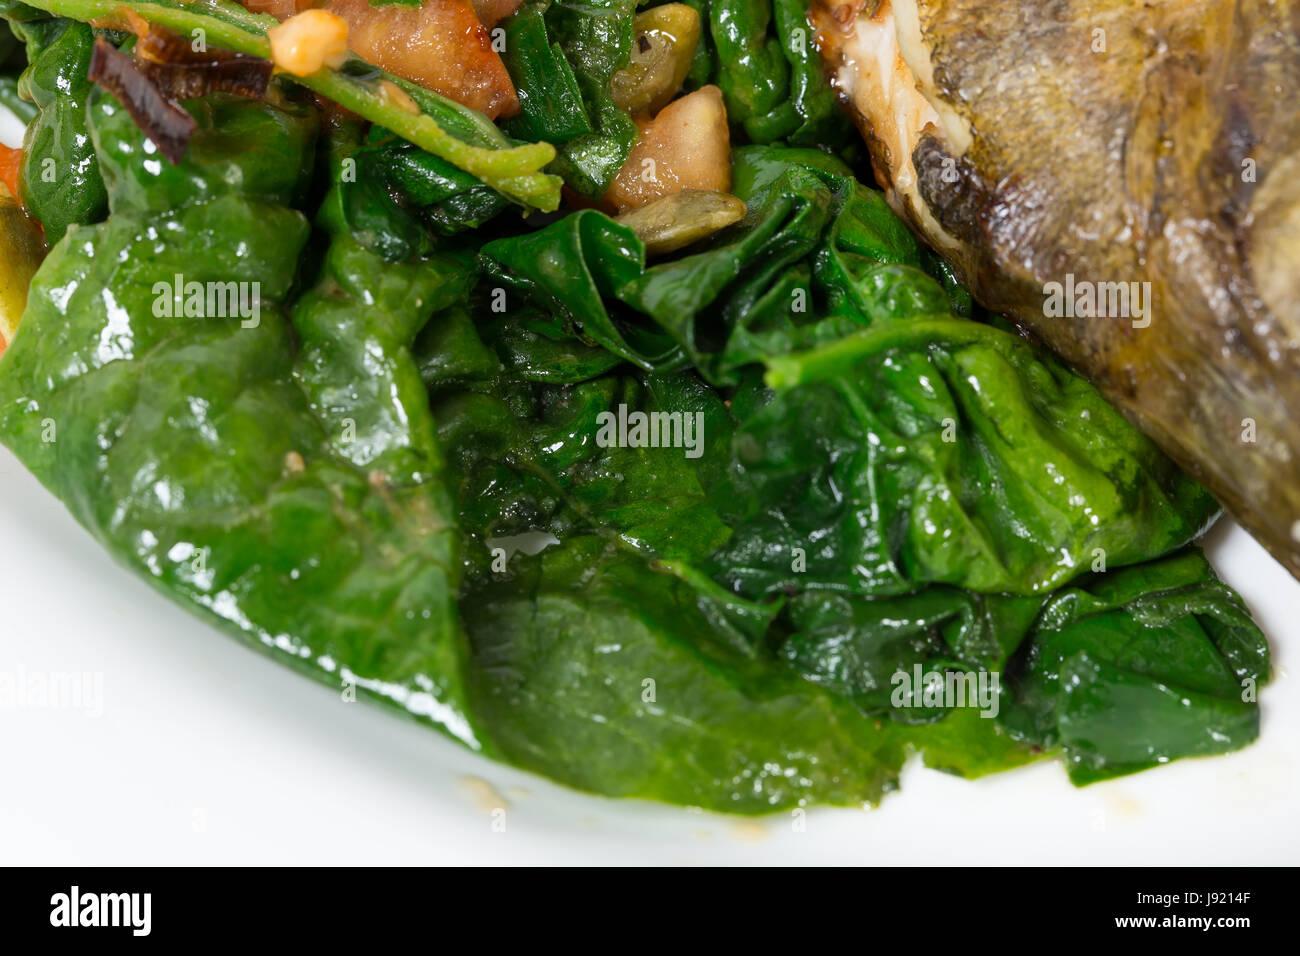 Warm insalata di spinaci con porri come guarnizione per cotto dorado. Macro. Foto può essere usato come un intero sfondo. Foto Stock